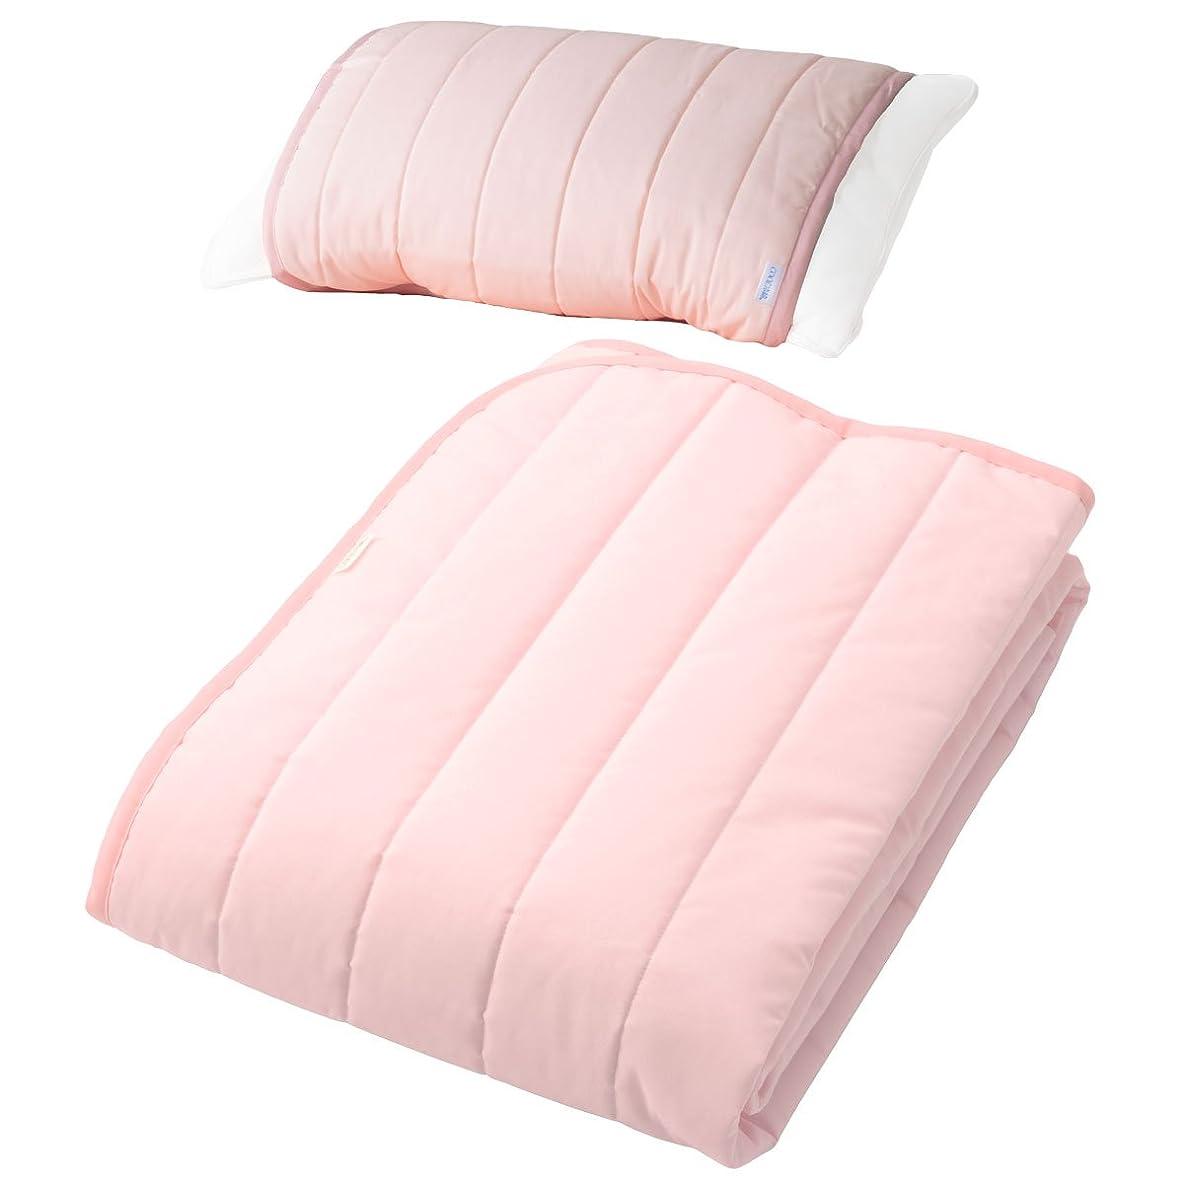 鯨コンピューター怠けた日本製 敷パッド (枕パッド付き) シングル クラボウCOOL冷綿 ピンク